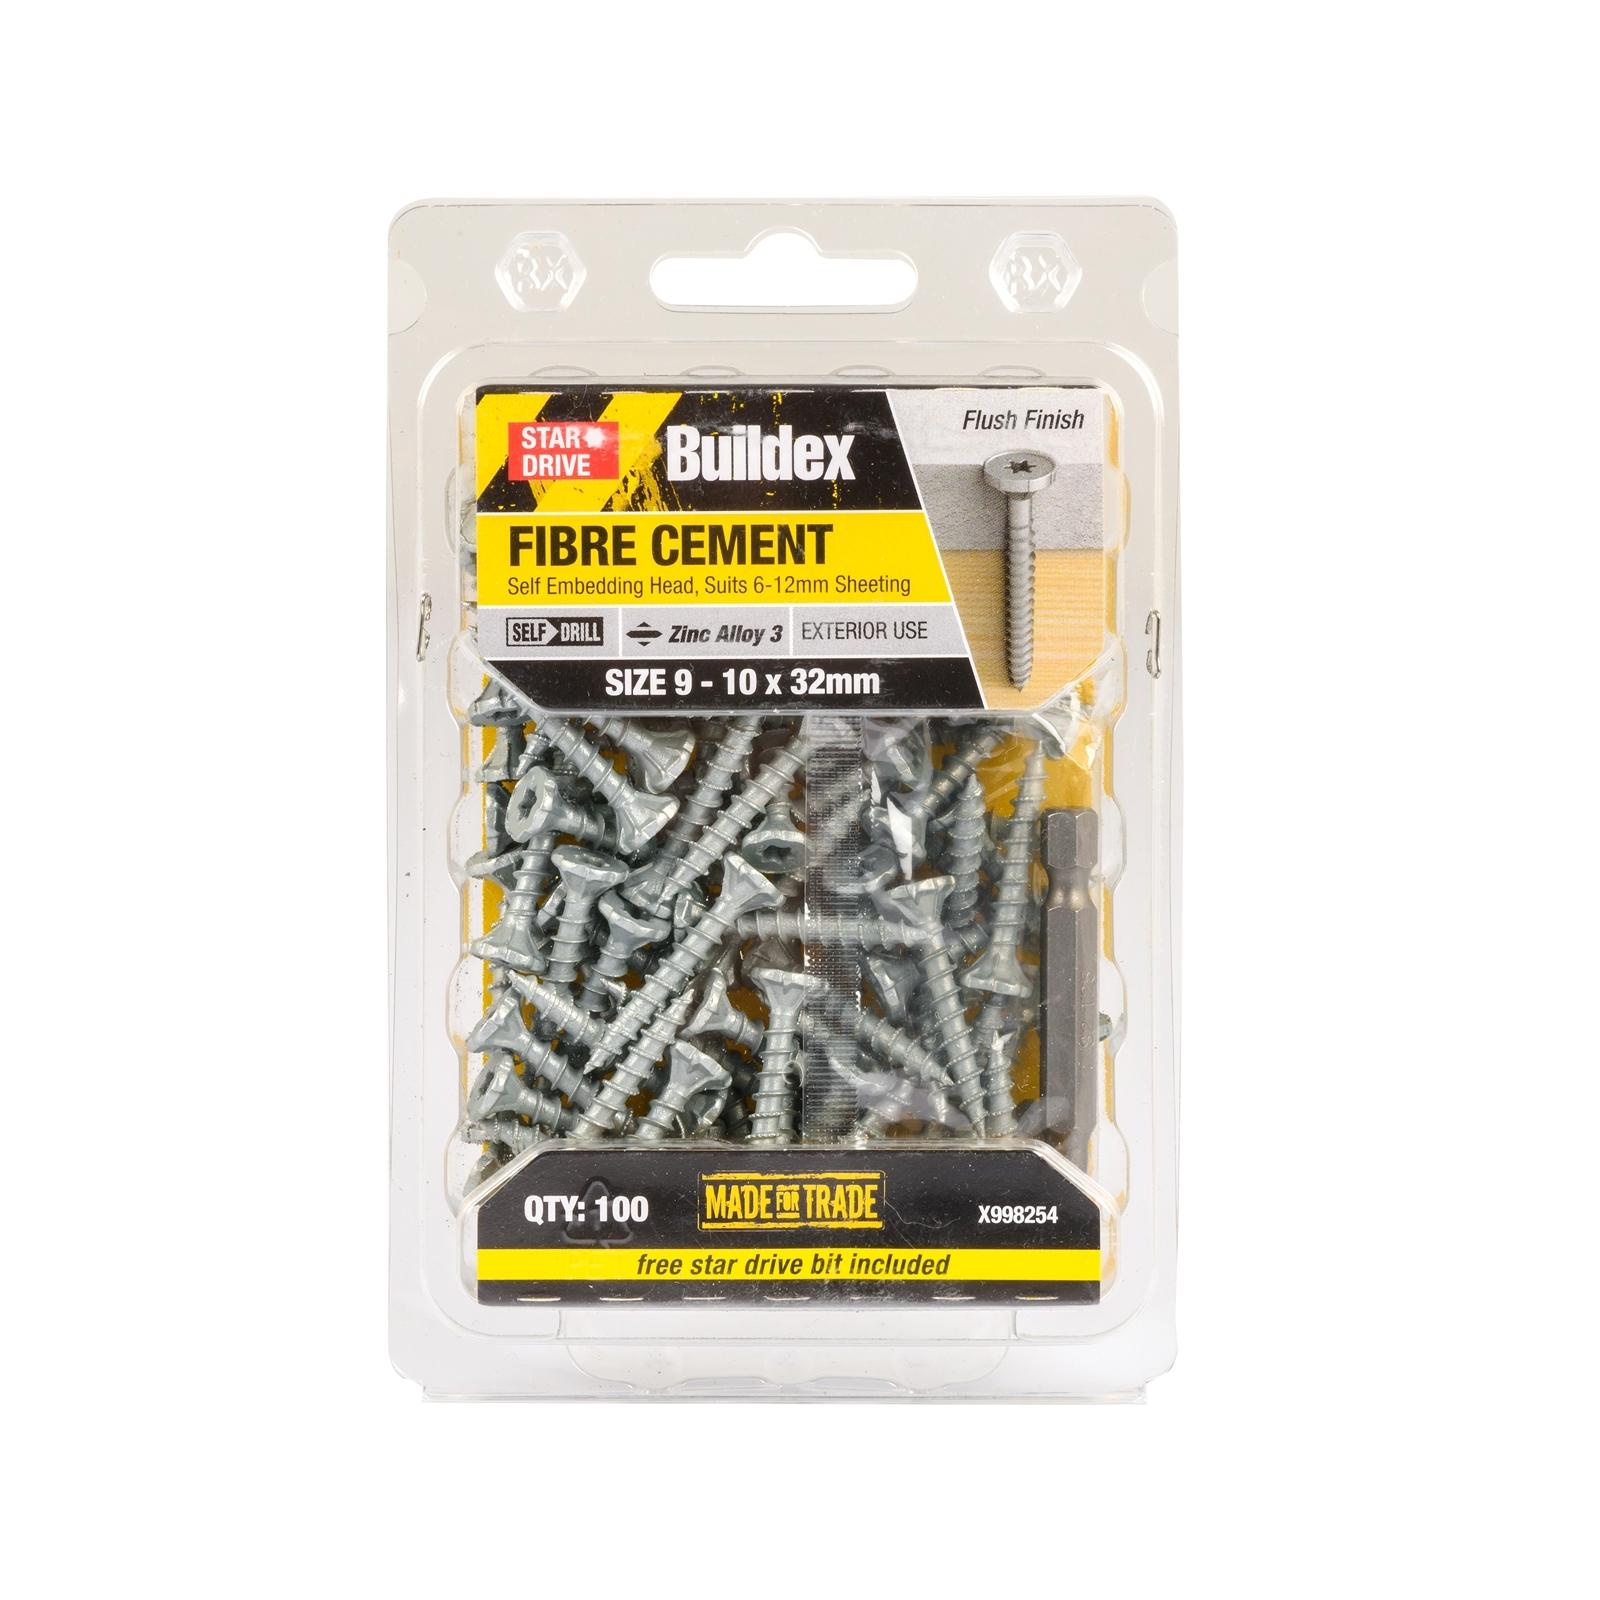 Buildex 9 - 10 x 32mm Zinc Alloy 3 Star Head Fibre Cement Screws - 100 Pack